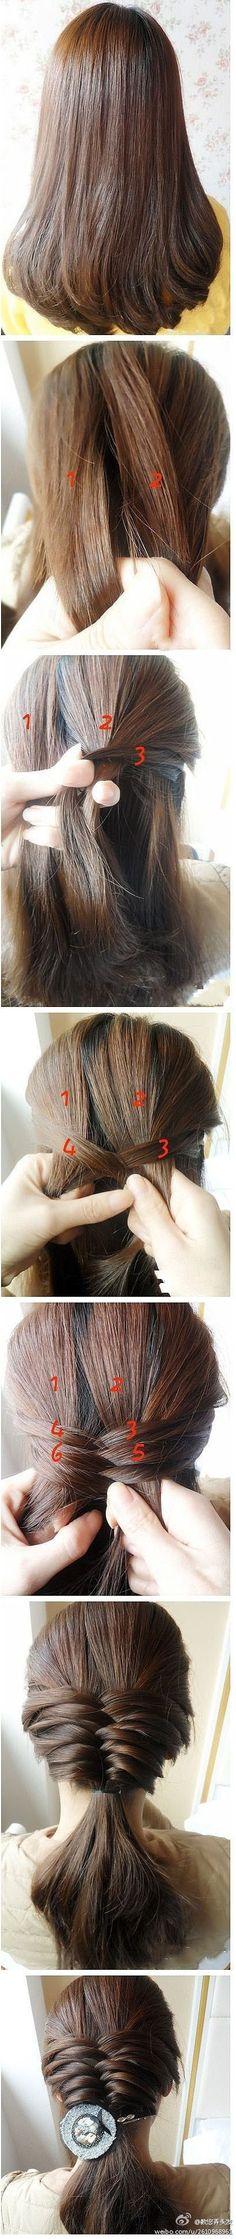 so pretty! simple hair style #braid